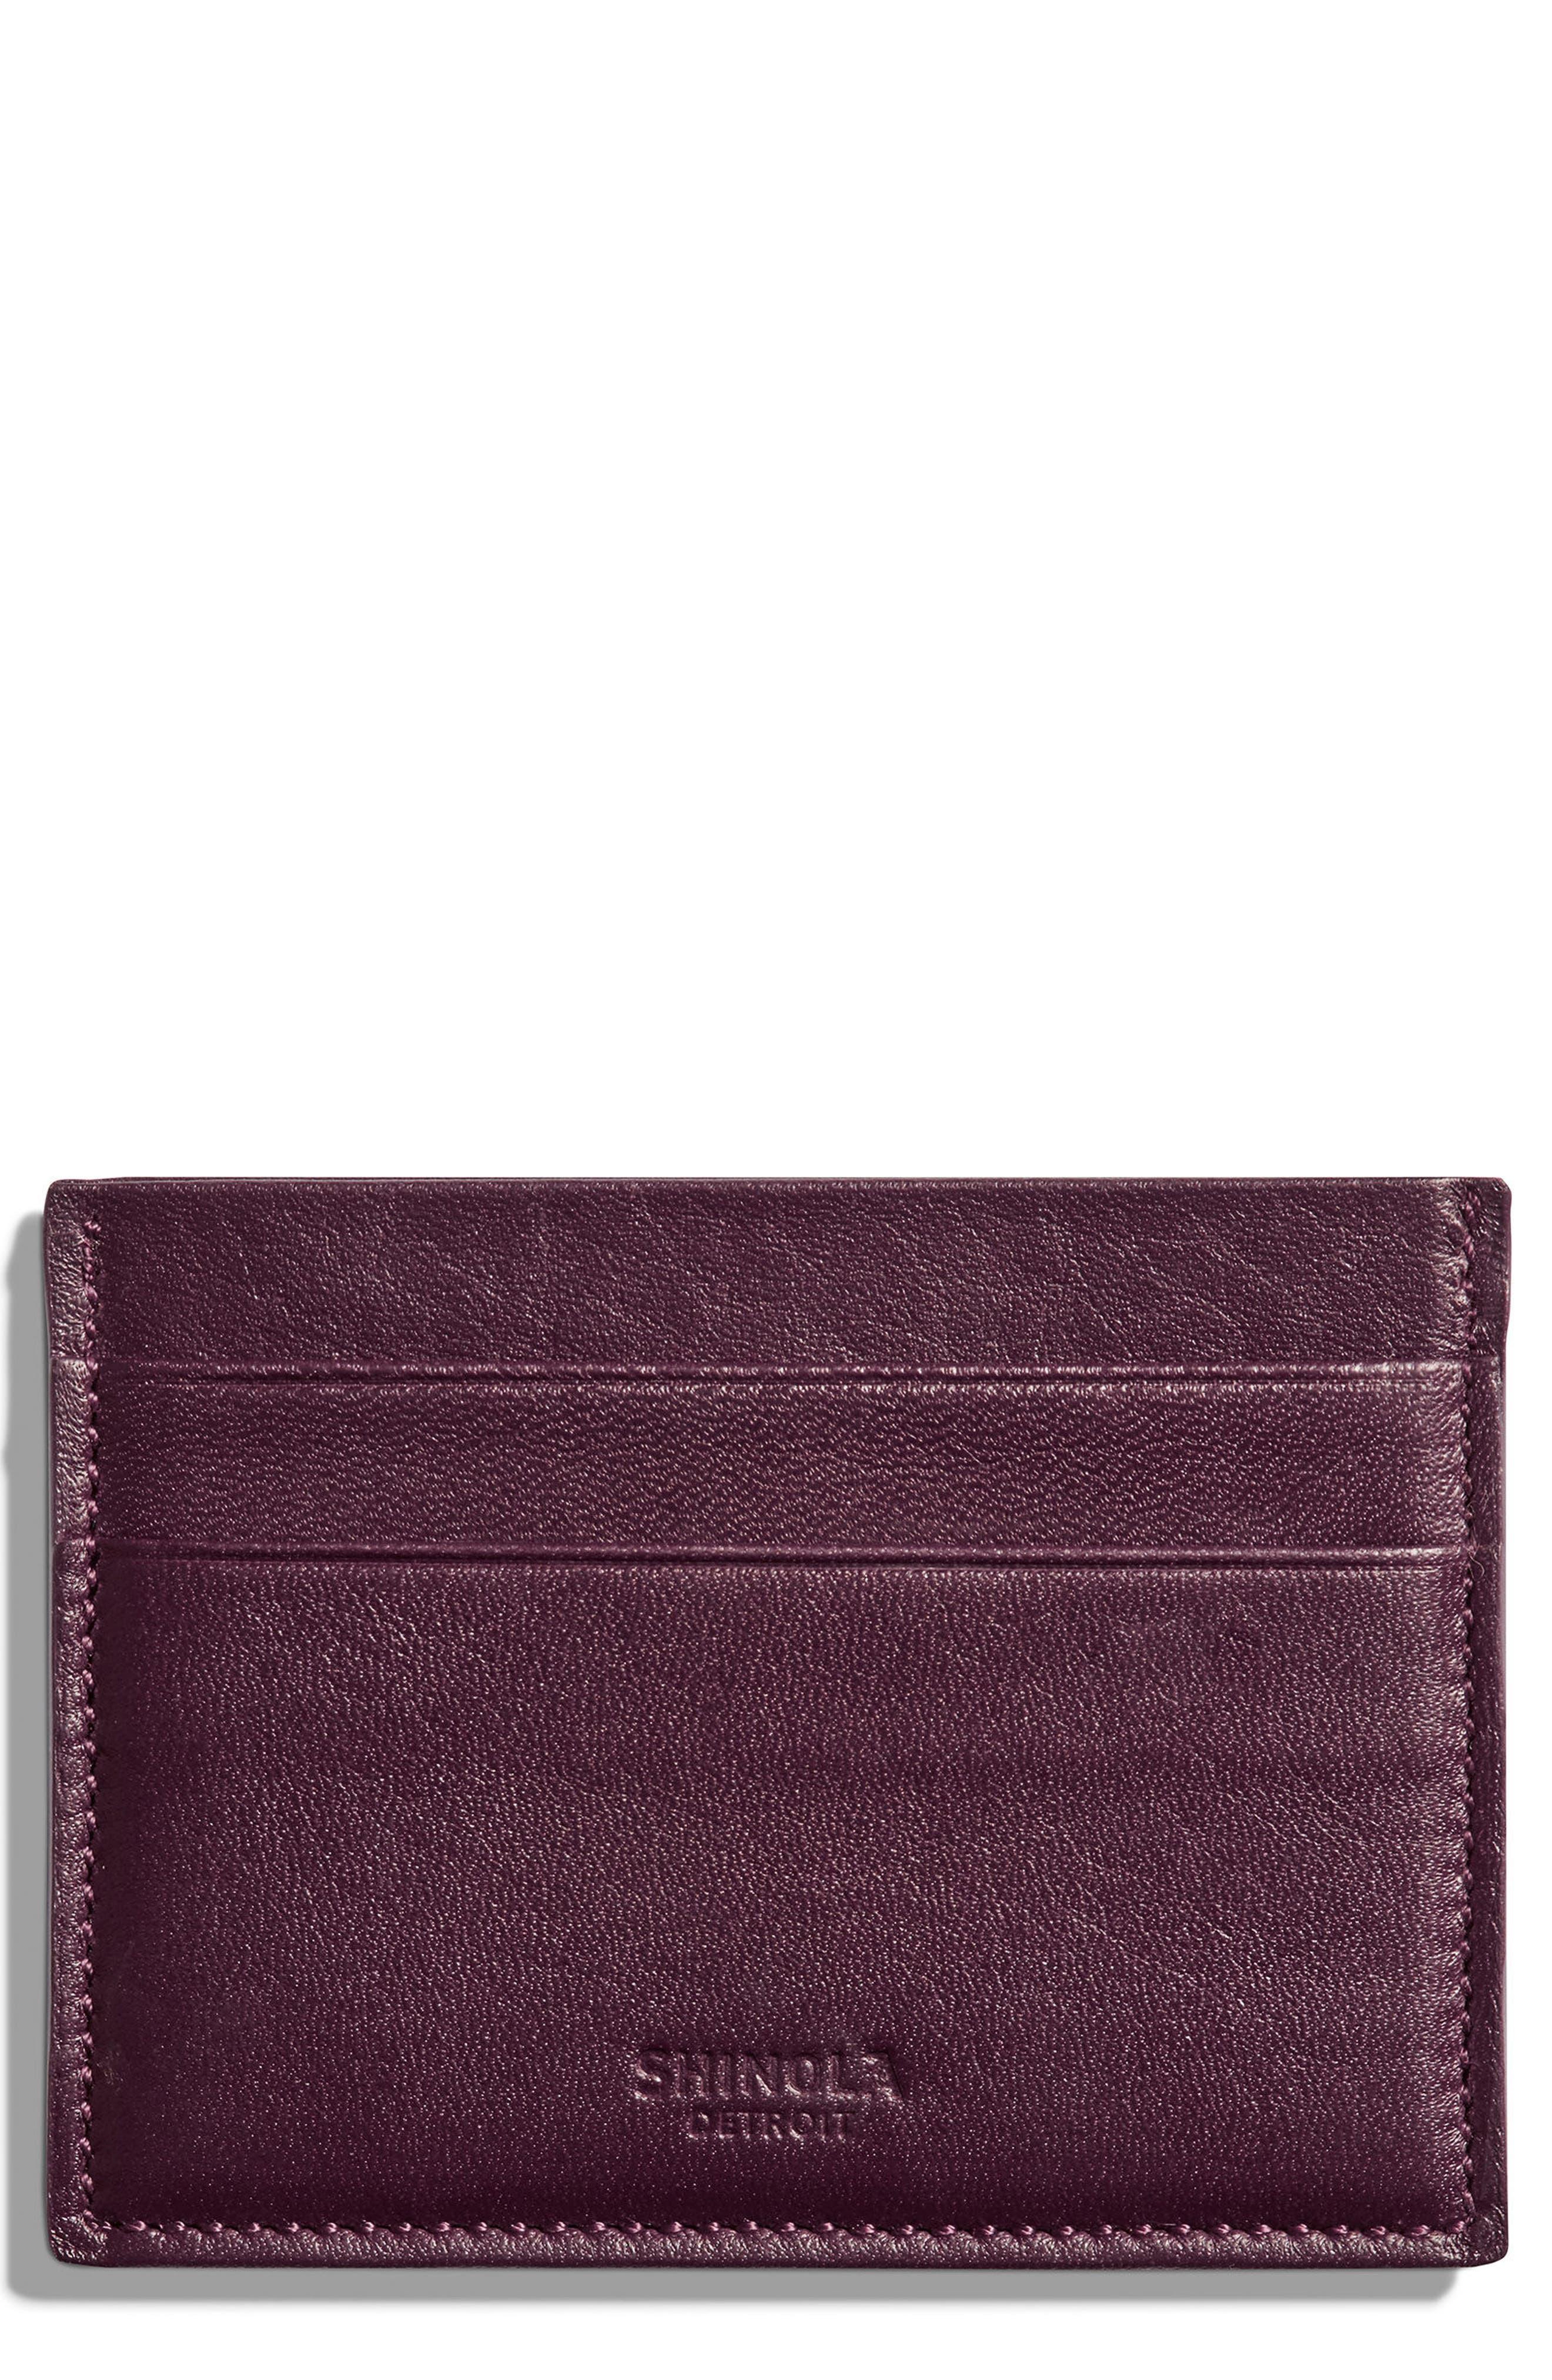 Alternate Image 1 Selected - Shinola Leather Card Case